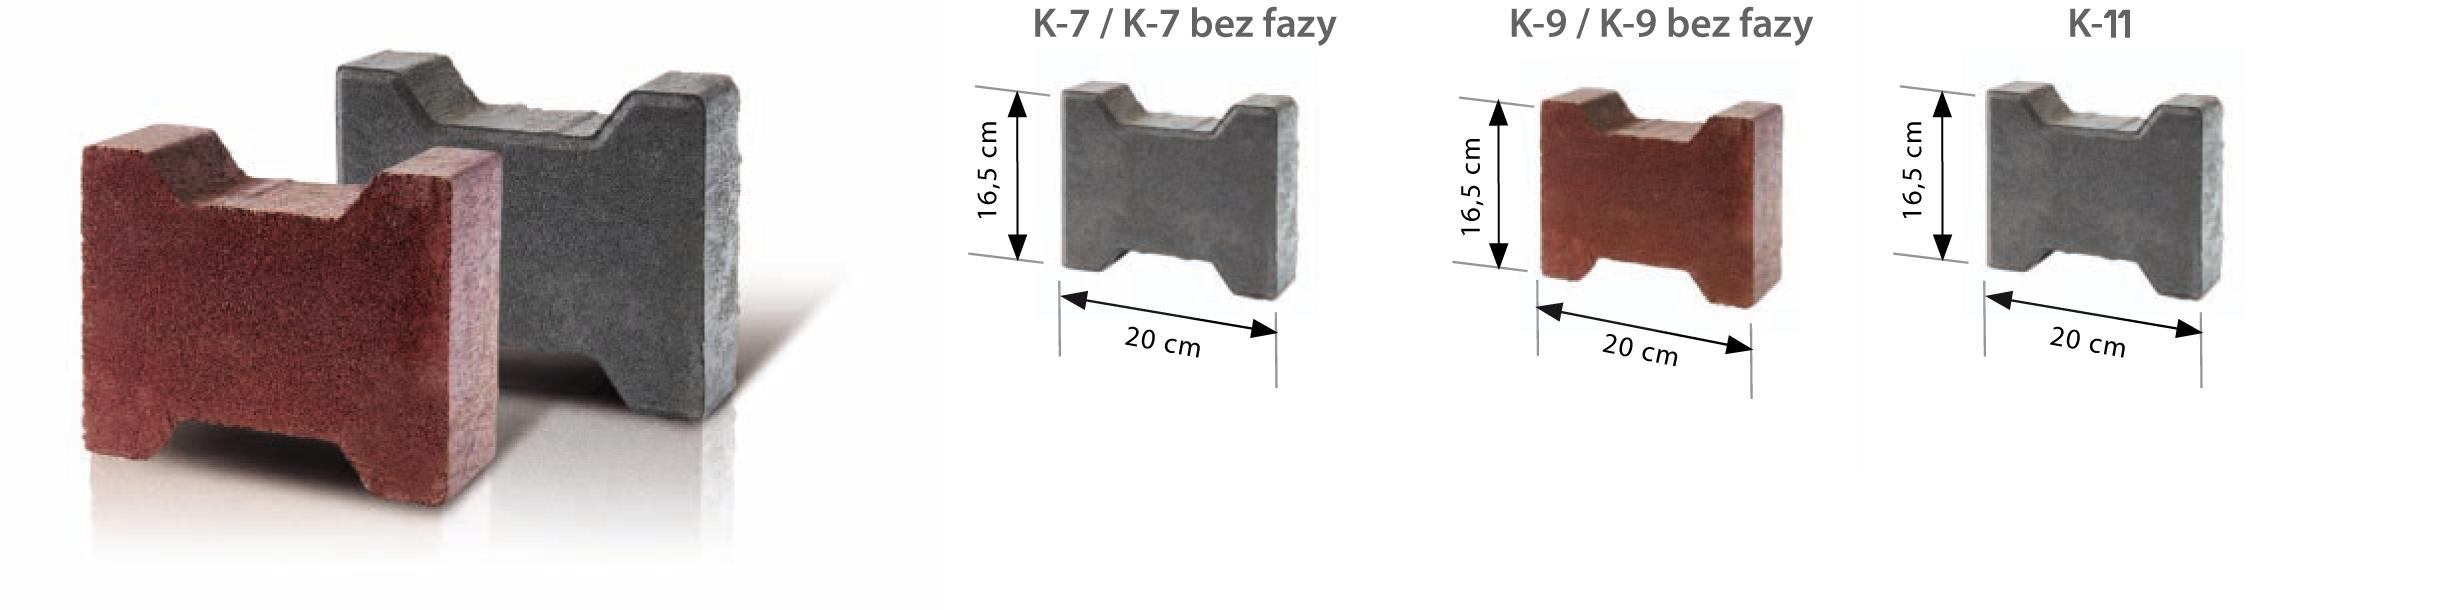 Kostki brukowe przemysłowe K-7 / K-9 / K-11